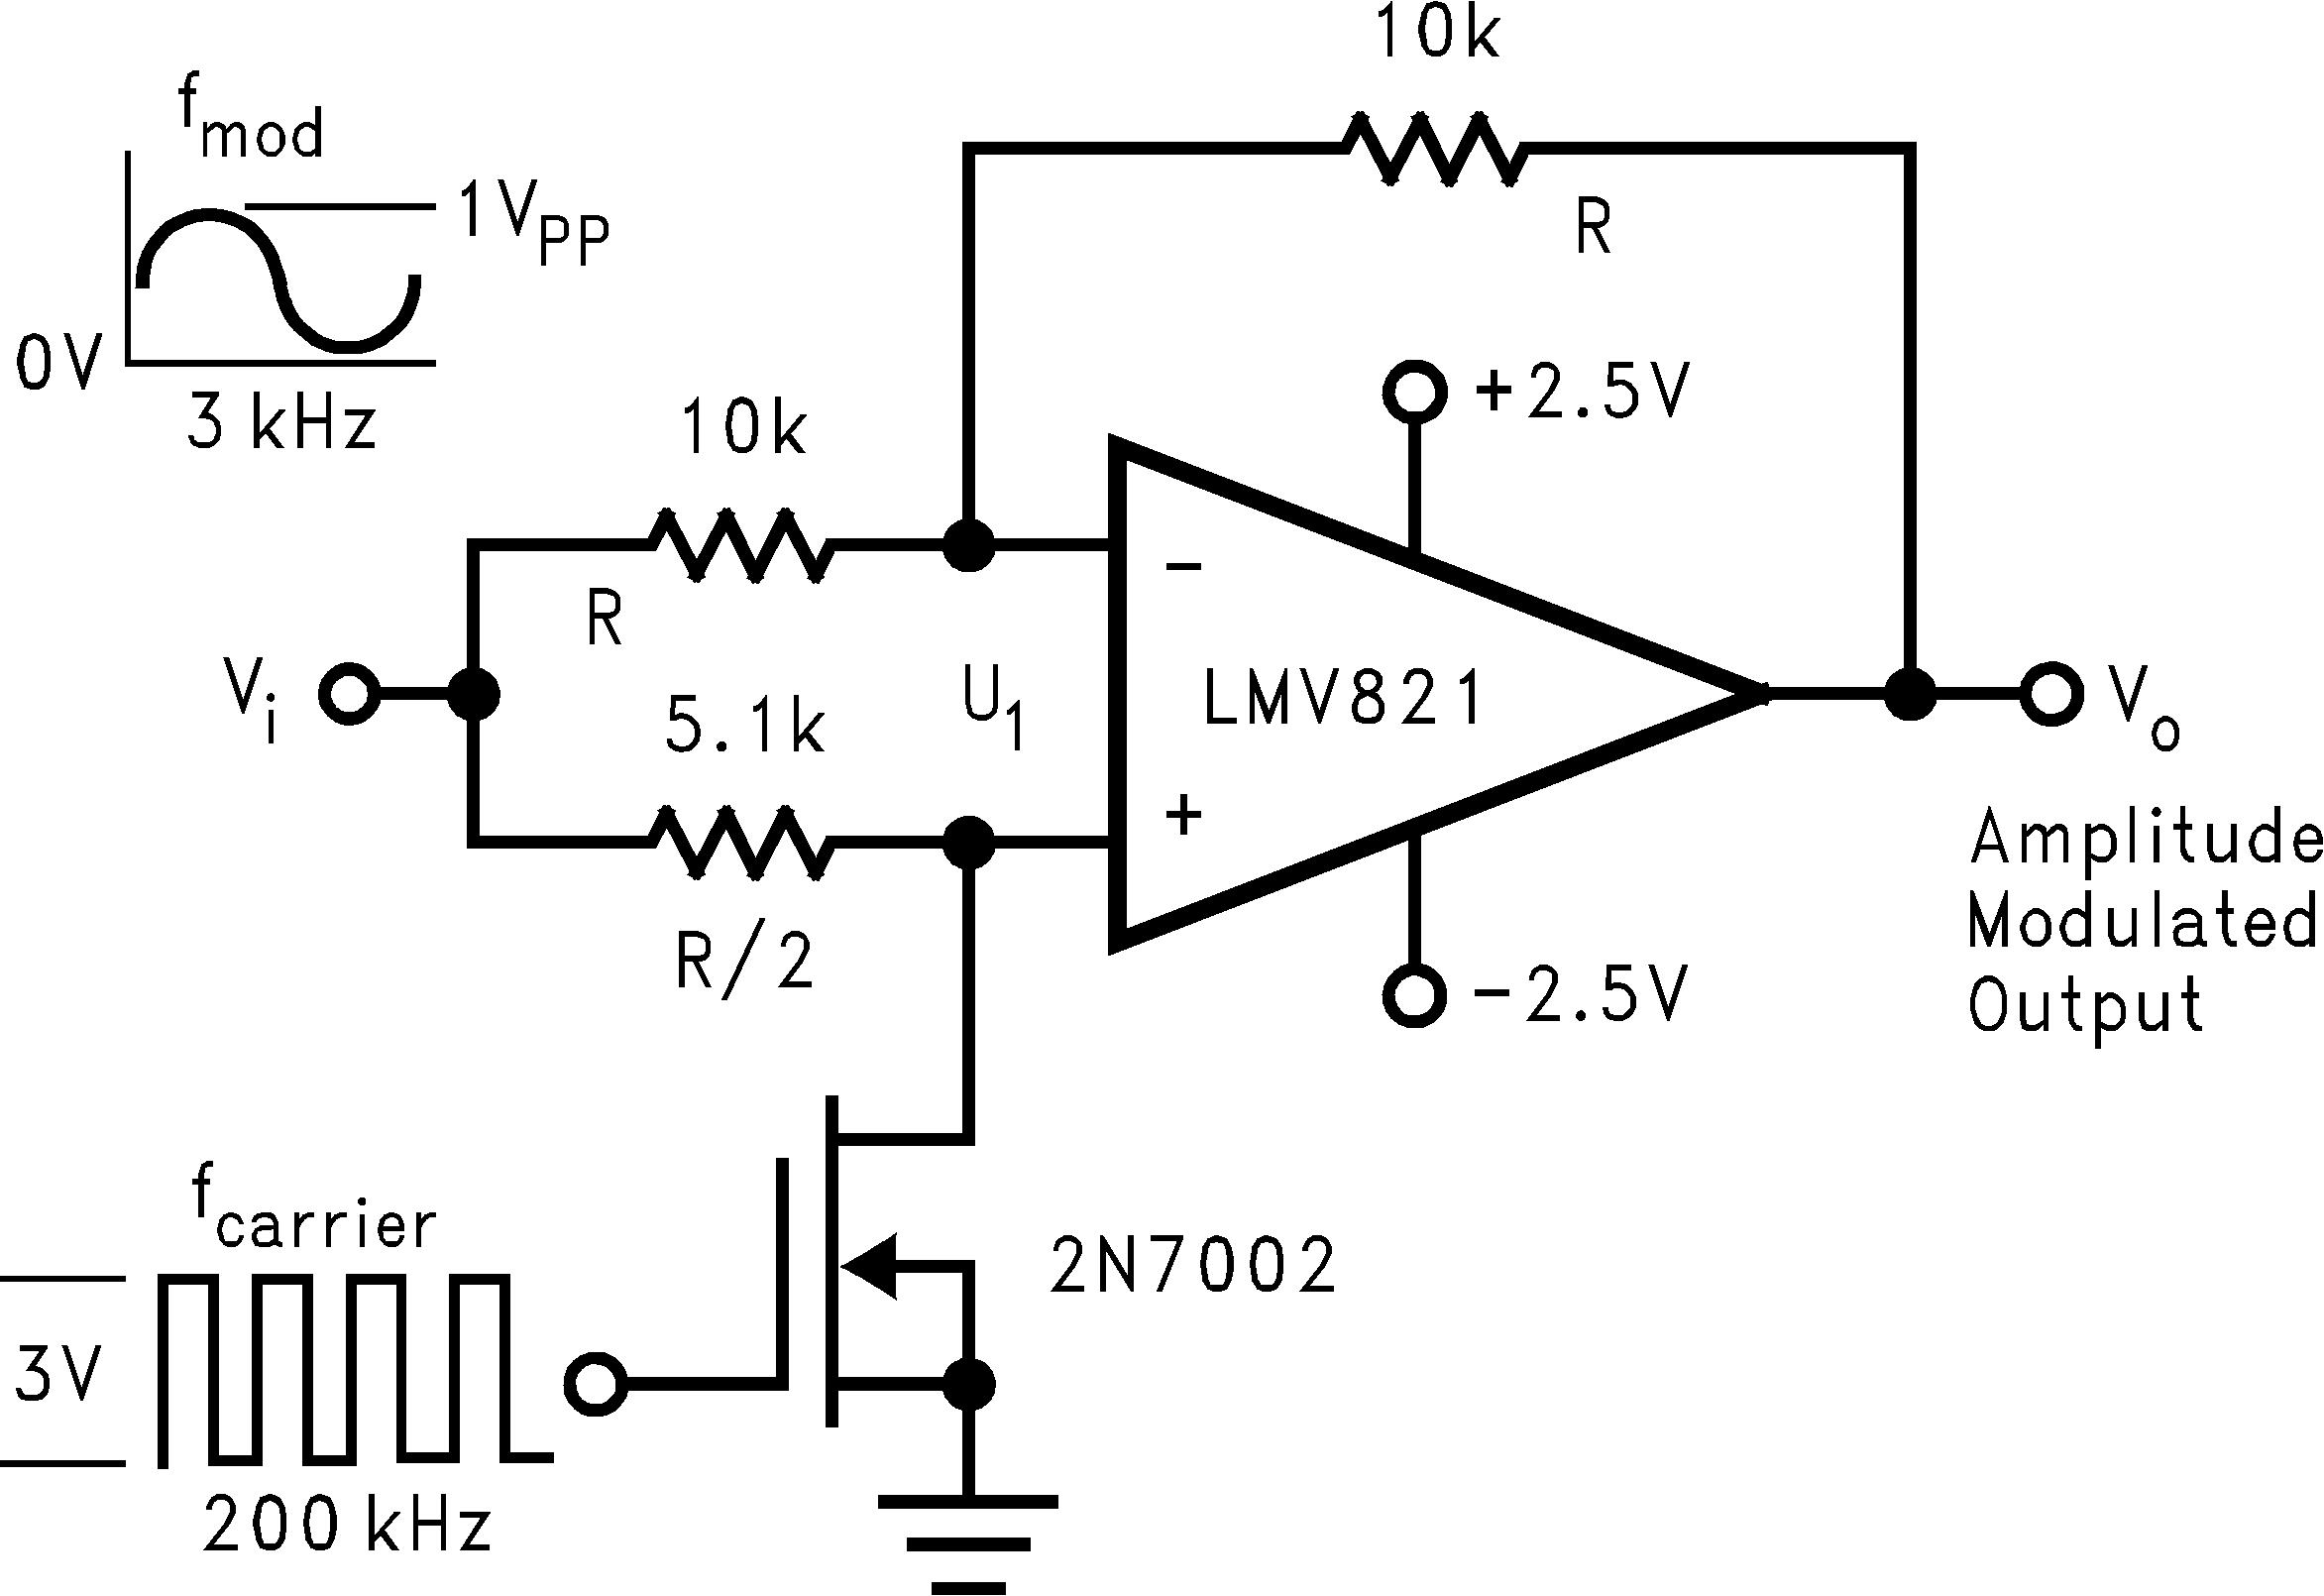 lmv824